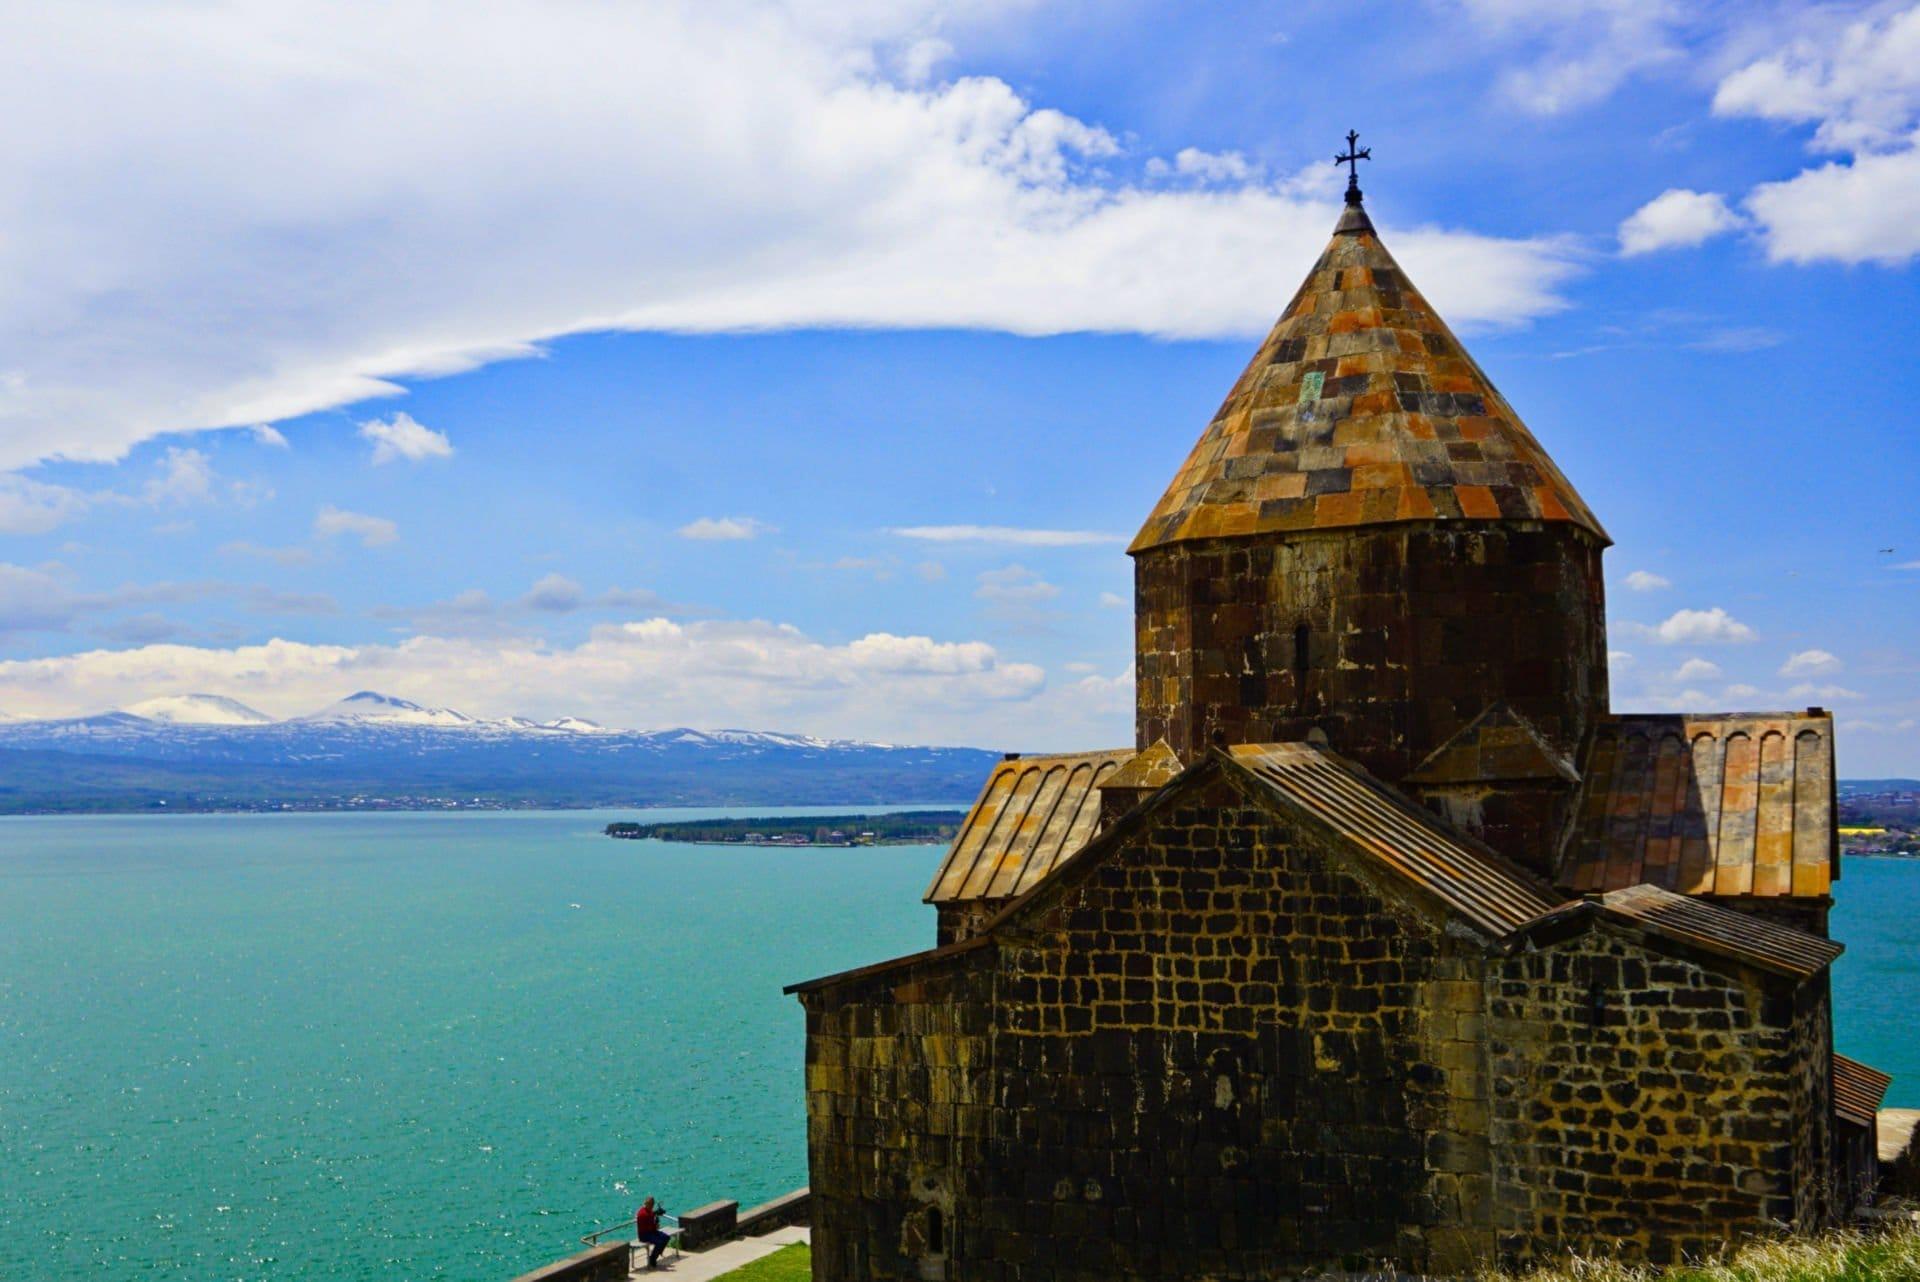 Sevanavank, Sevan lake monastery, Armenia – Experiencing the Globe